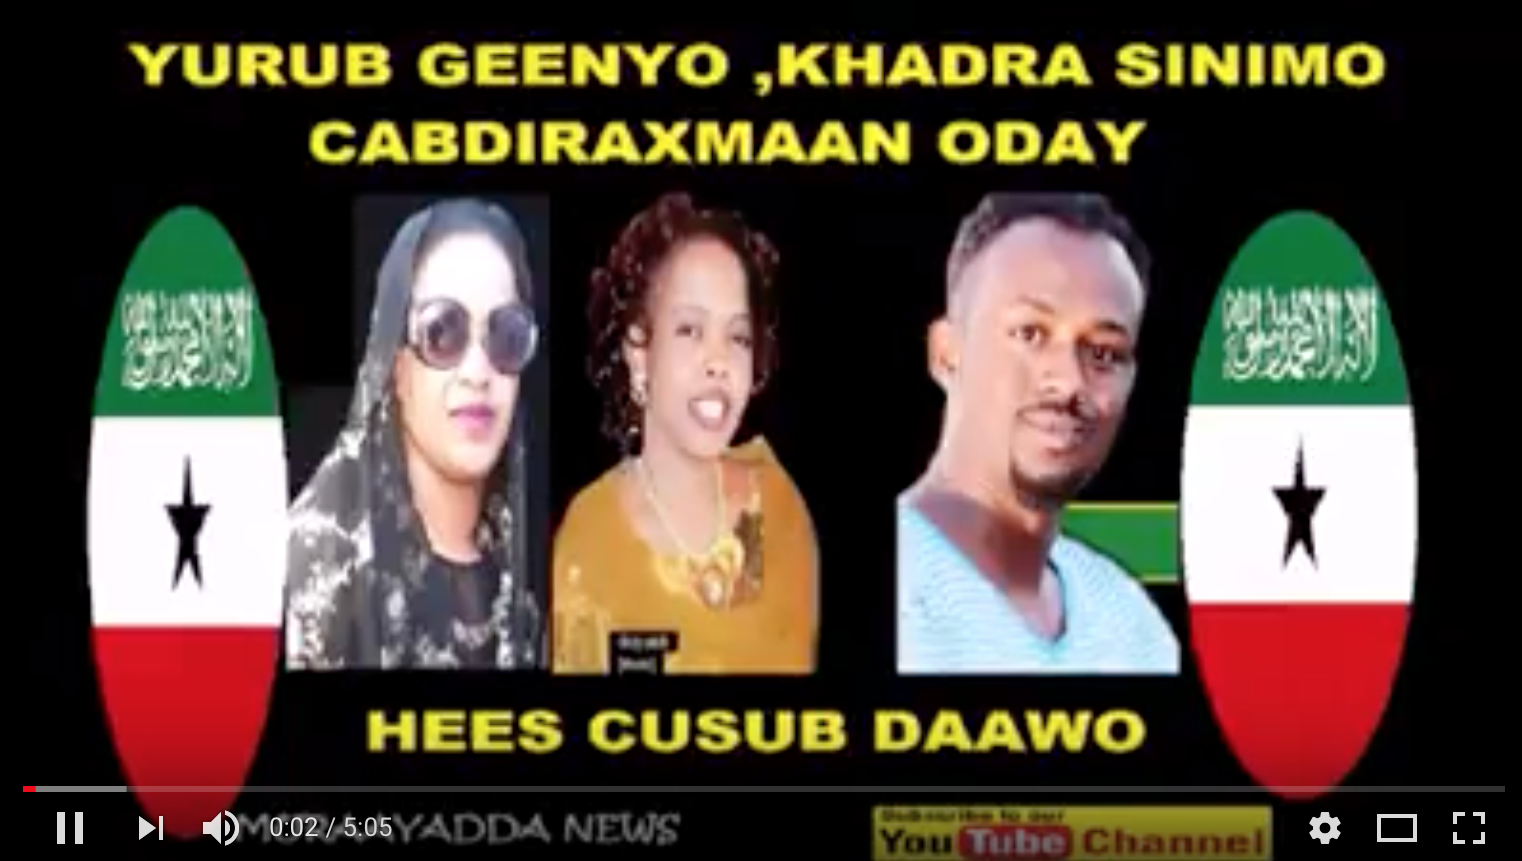 DAAWO Hees Yurub Geenyo Khadro silimo iyo Oday ku garaaceen Muse Biixi iyo Dhiigshiil